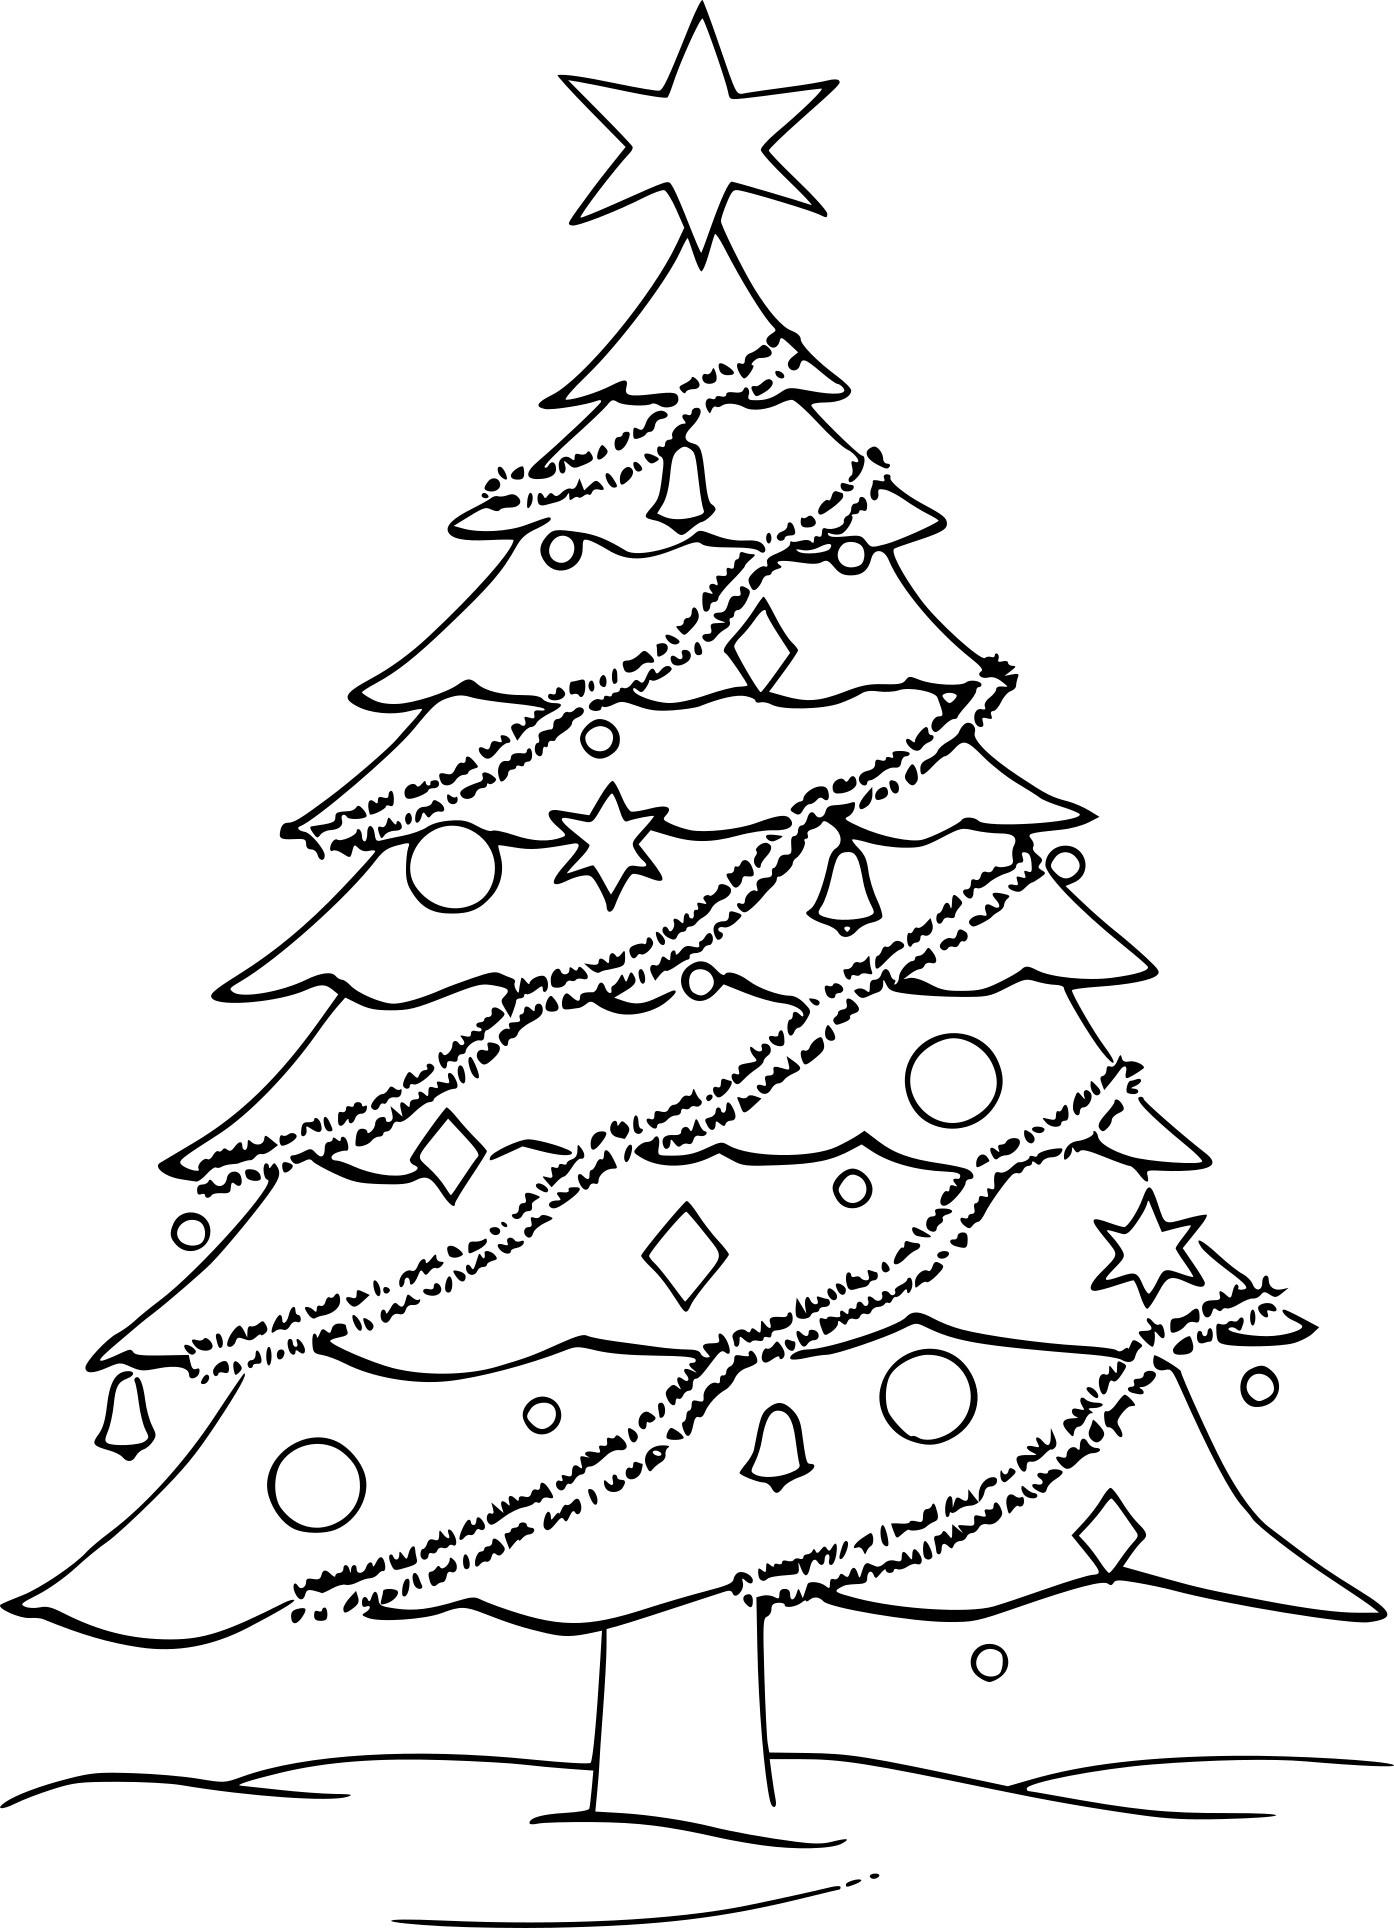 Coloriage Sapin De Noël Avec Des Guirlandes À Imprimer concernant Sapin De Noel A Colorier Gratuit